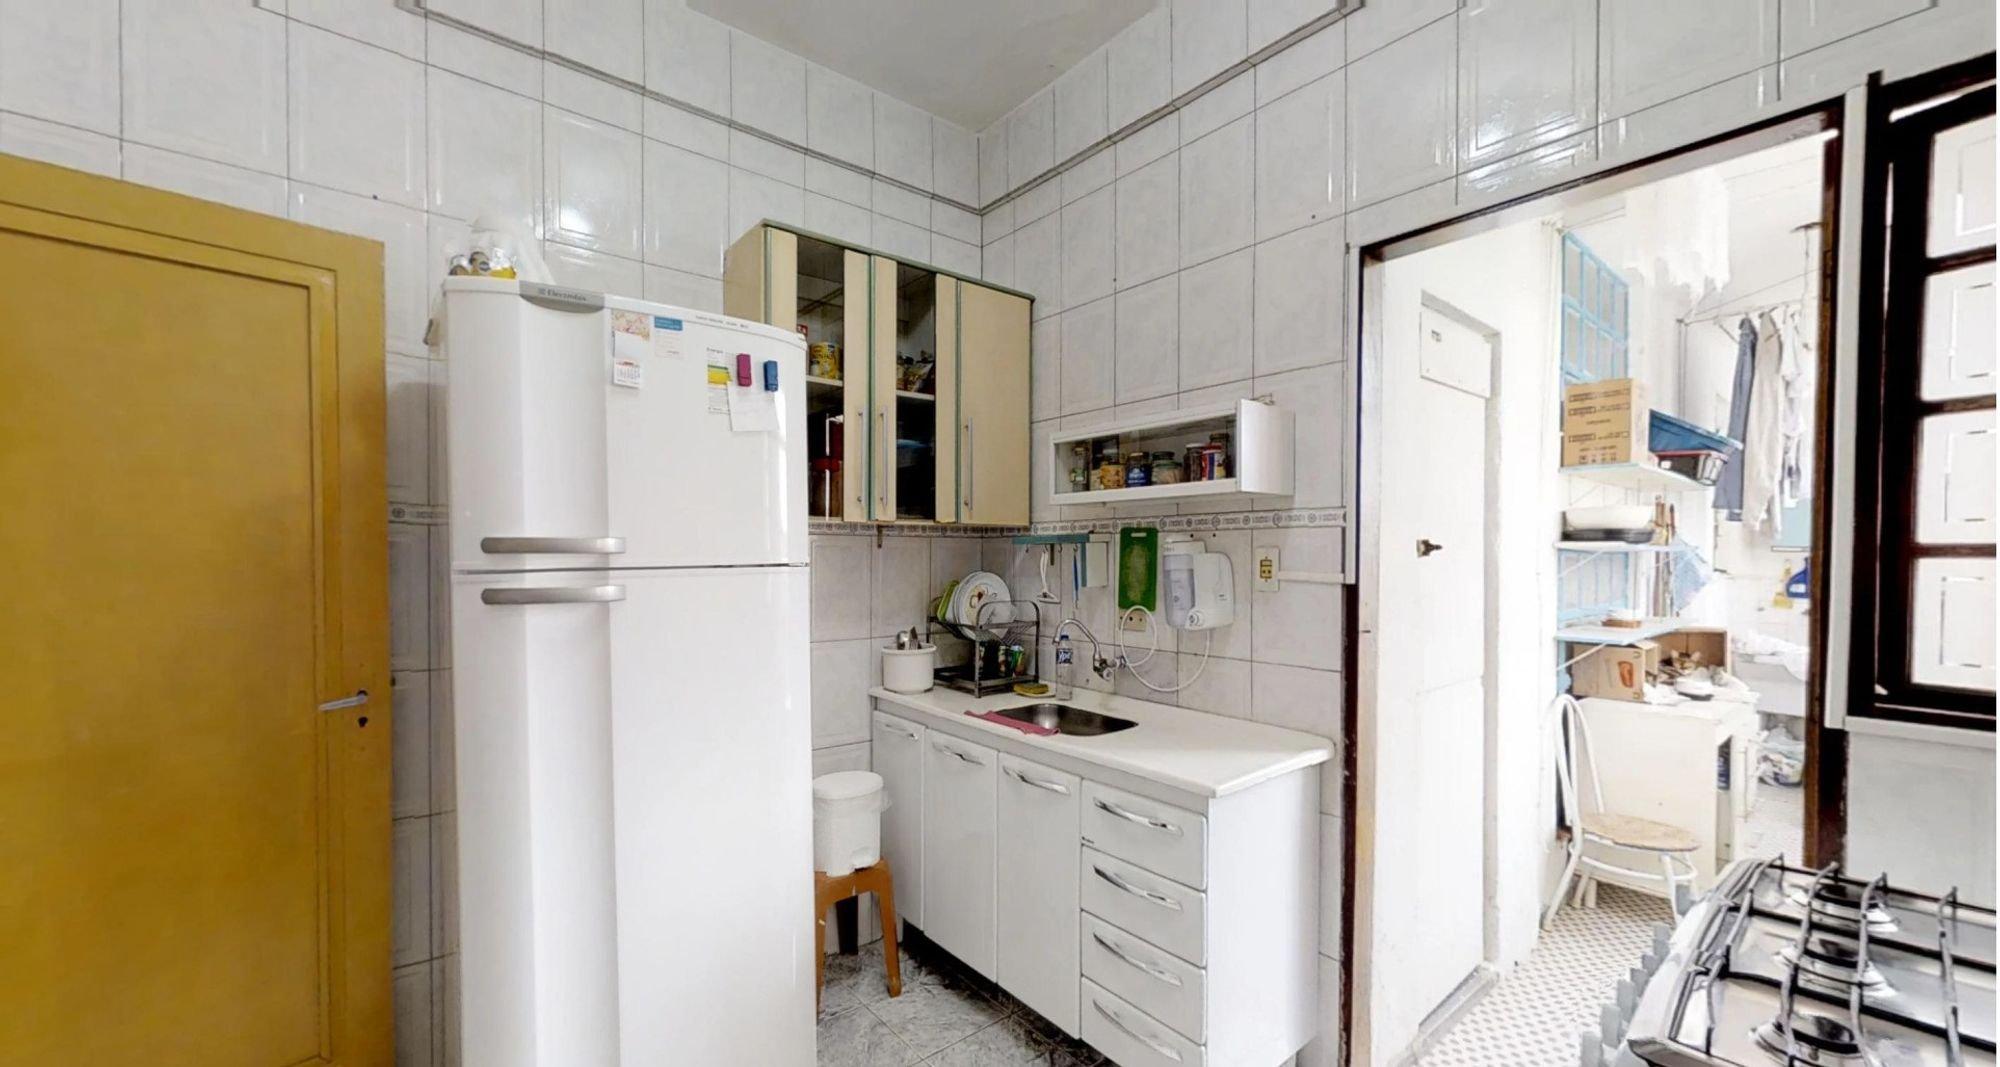 Foto de Cozinha com forno, relógio